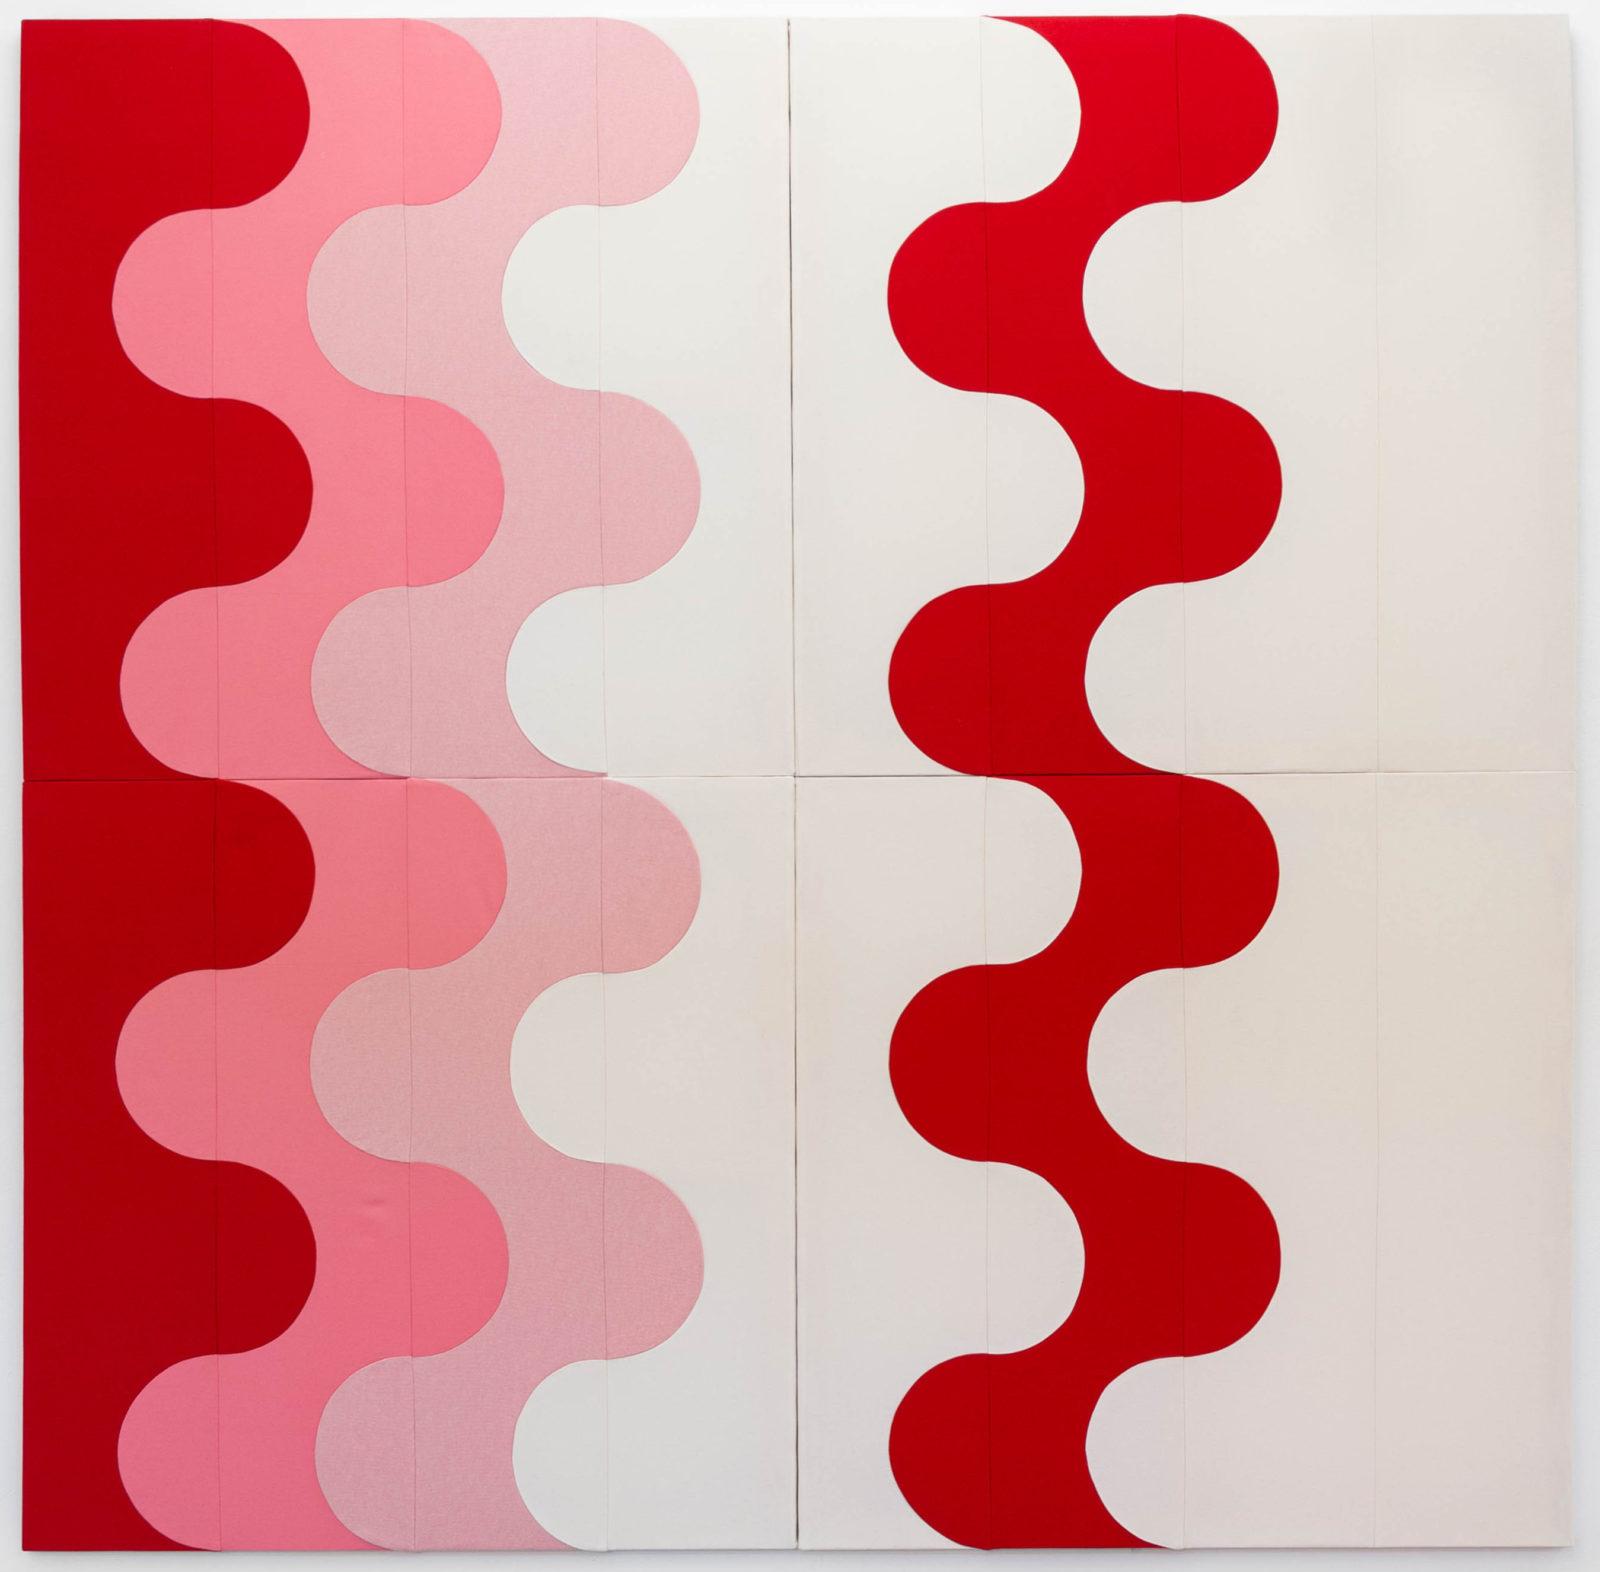 Na obrazie wykonanym z tkaniny widoczne pionowe grube faliste linie w kolorach: czerwonym, różowym, liliowym, białym.